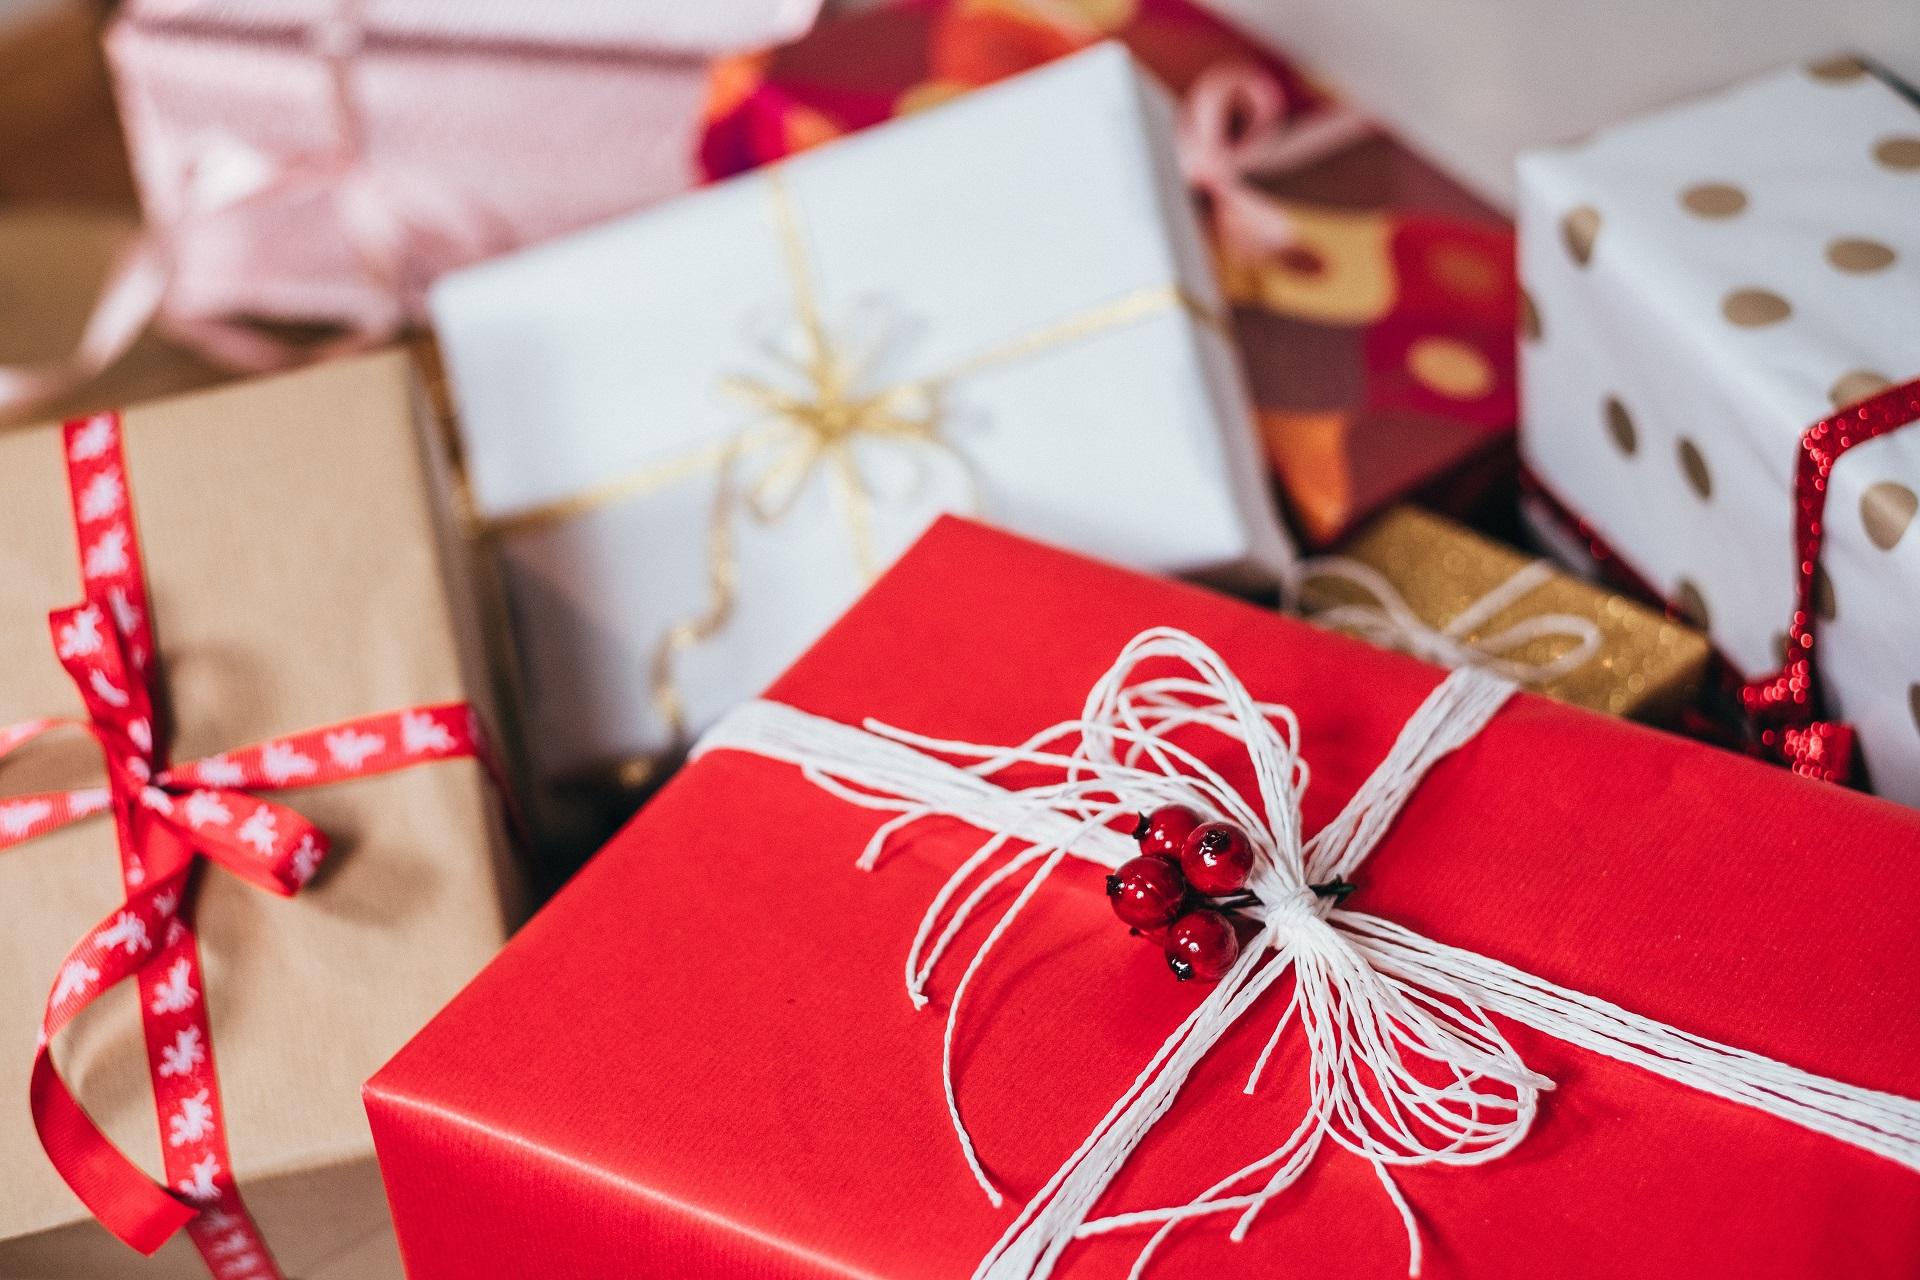 Est-ce qu'un smartphone est un cadeau pour les fêtes selon vous ? – Sondage de la semaine